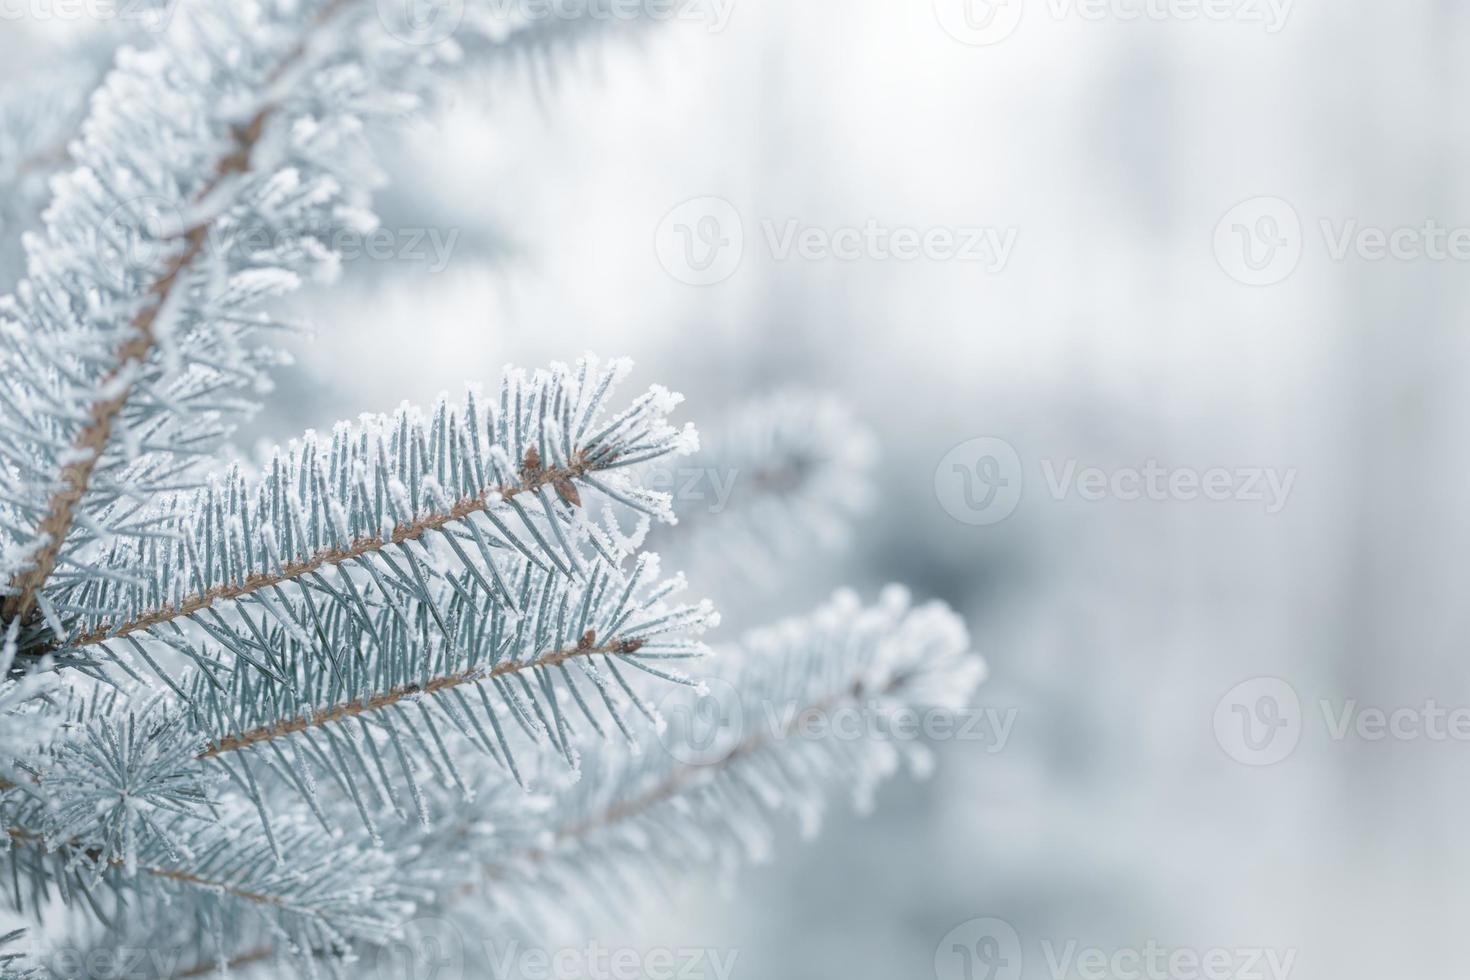 winter achtergrond met ijzige dennentakken foto